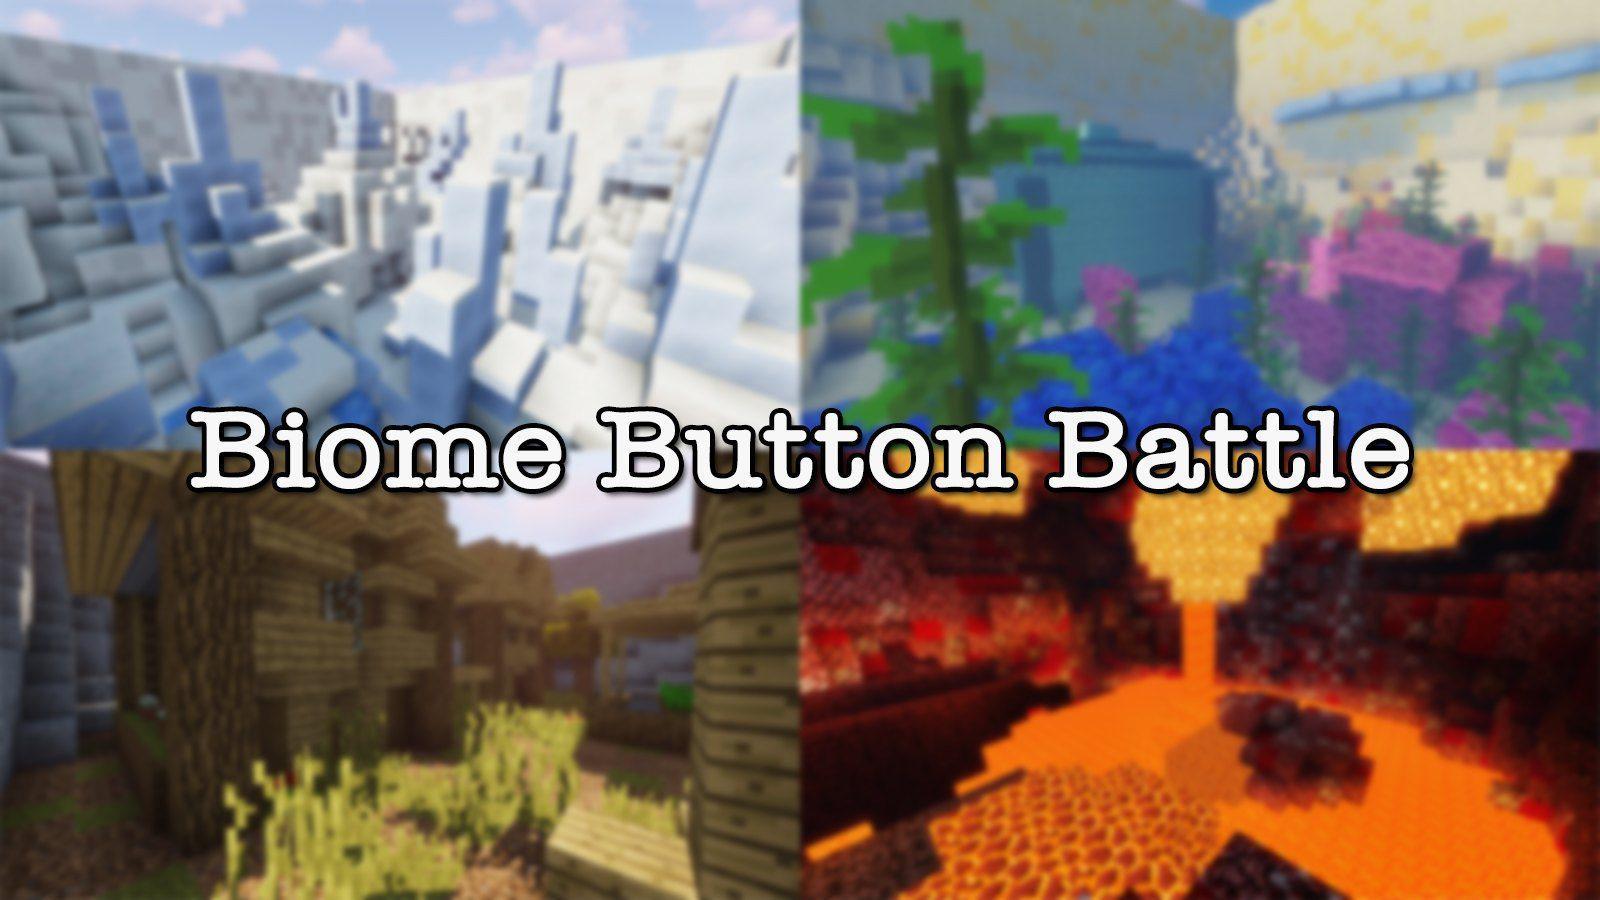 Biome Button Battle Map 1 13 2 for Minecraft - 9Minecraft Net